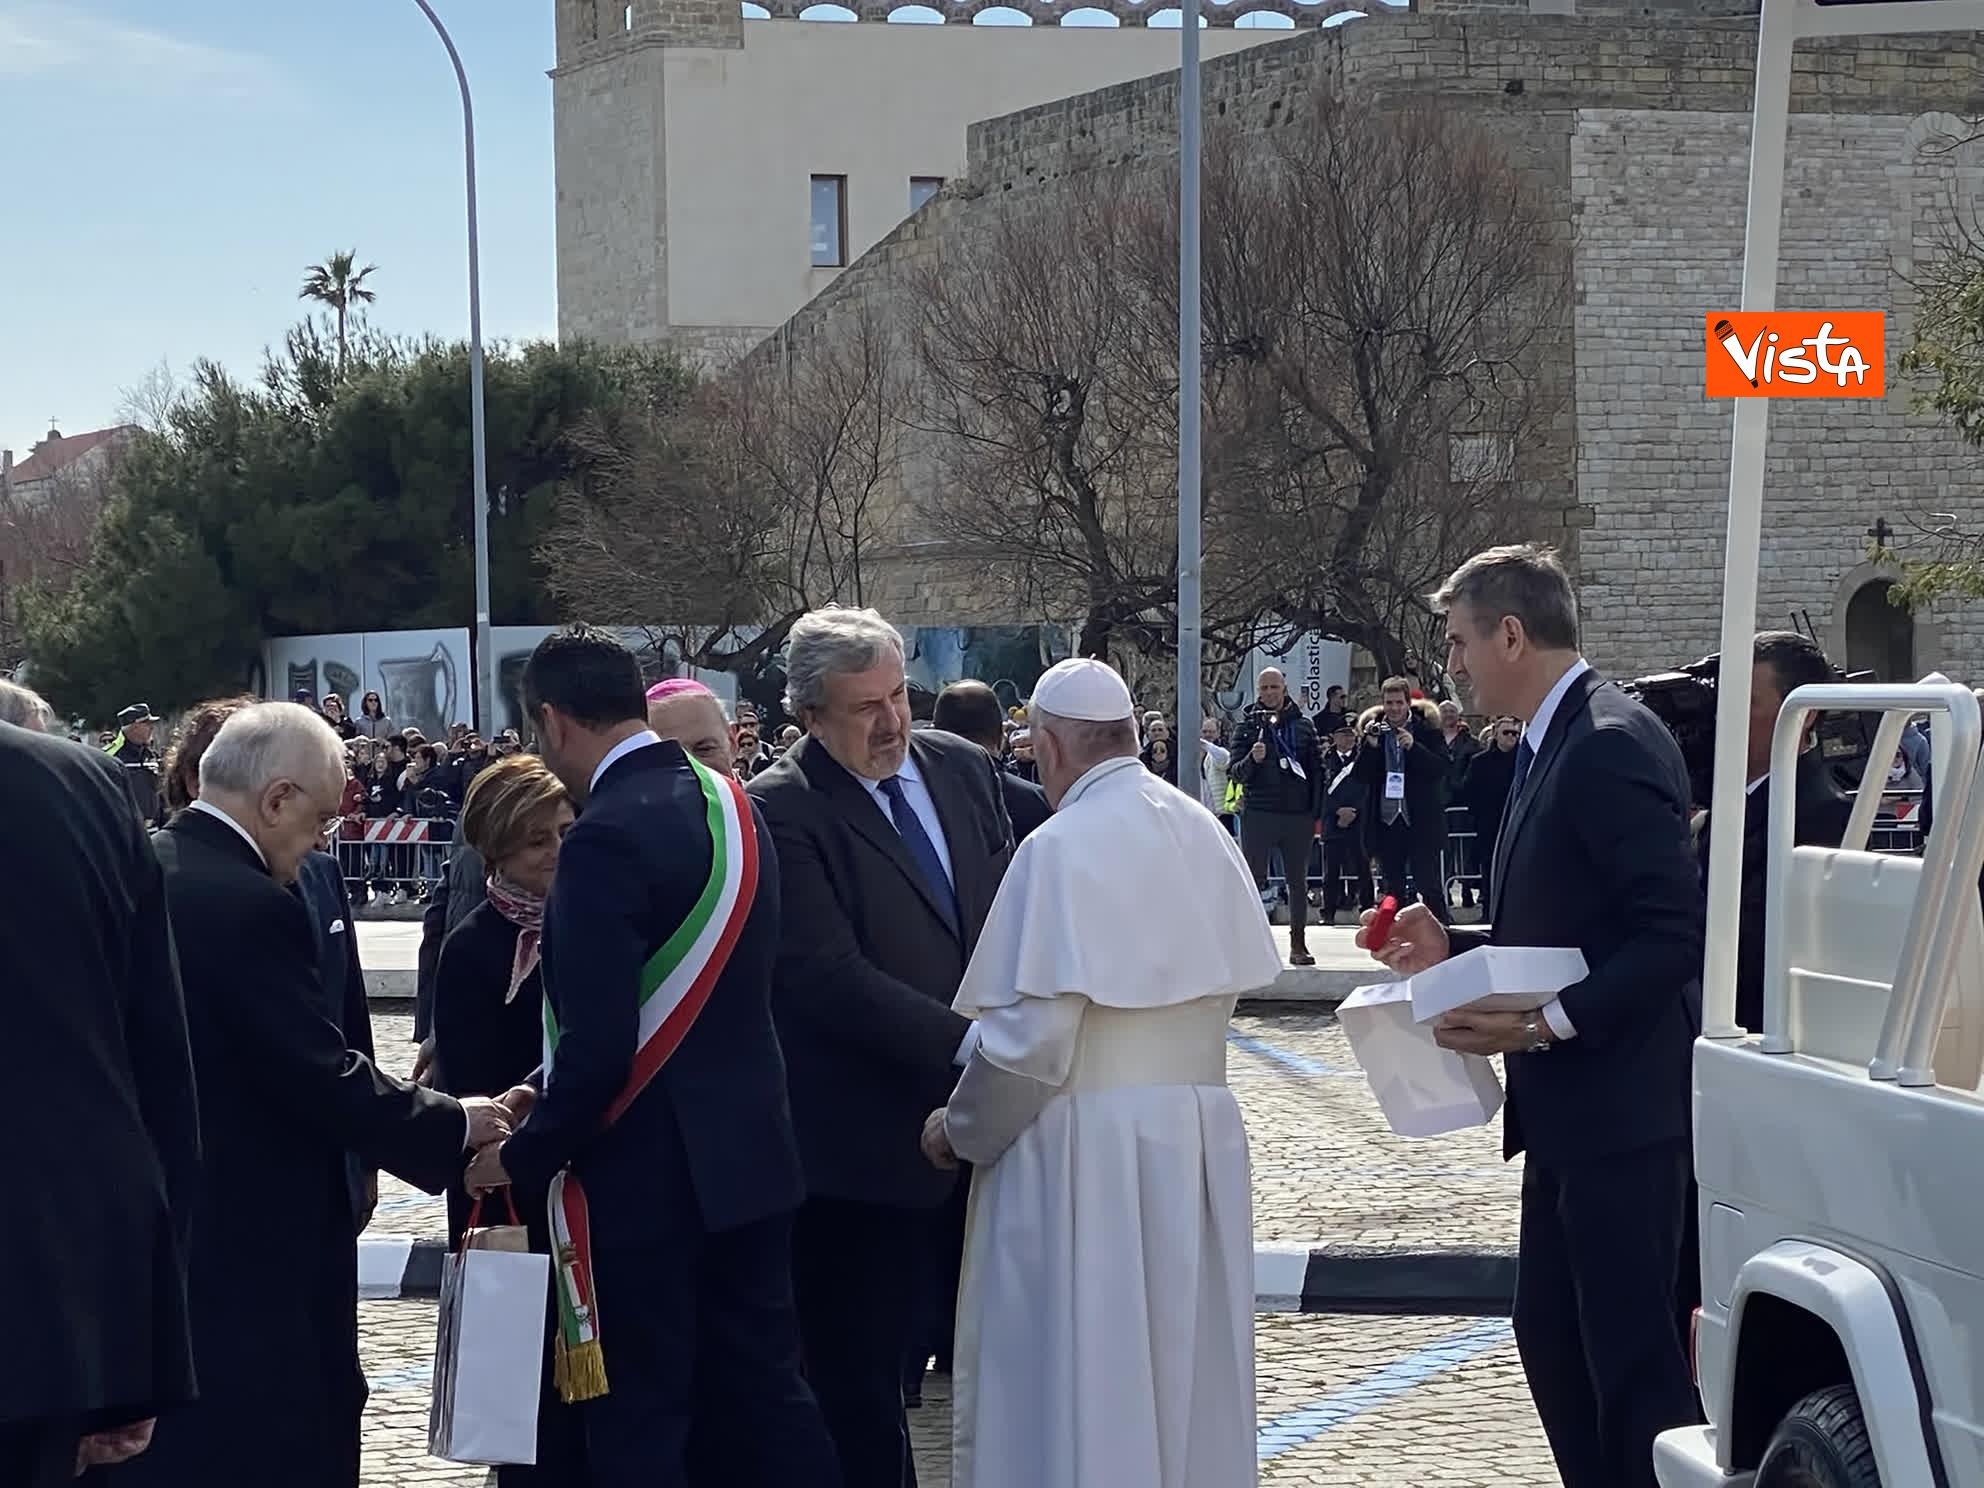 23-02-20 Il Papa a Bari incontra il presidente della Regione Puglia Michele Emiliano_03